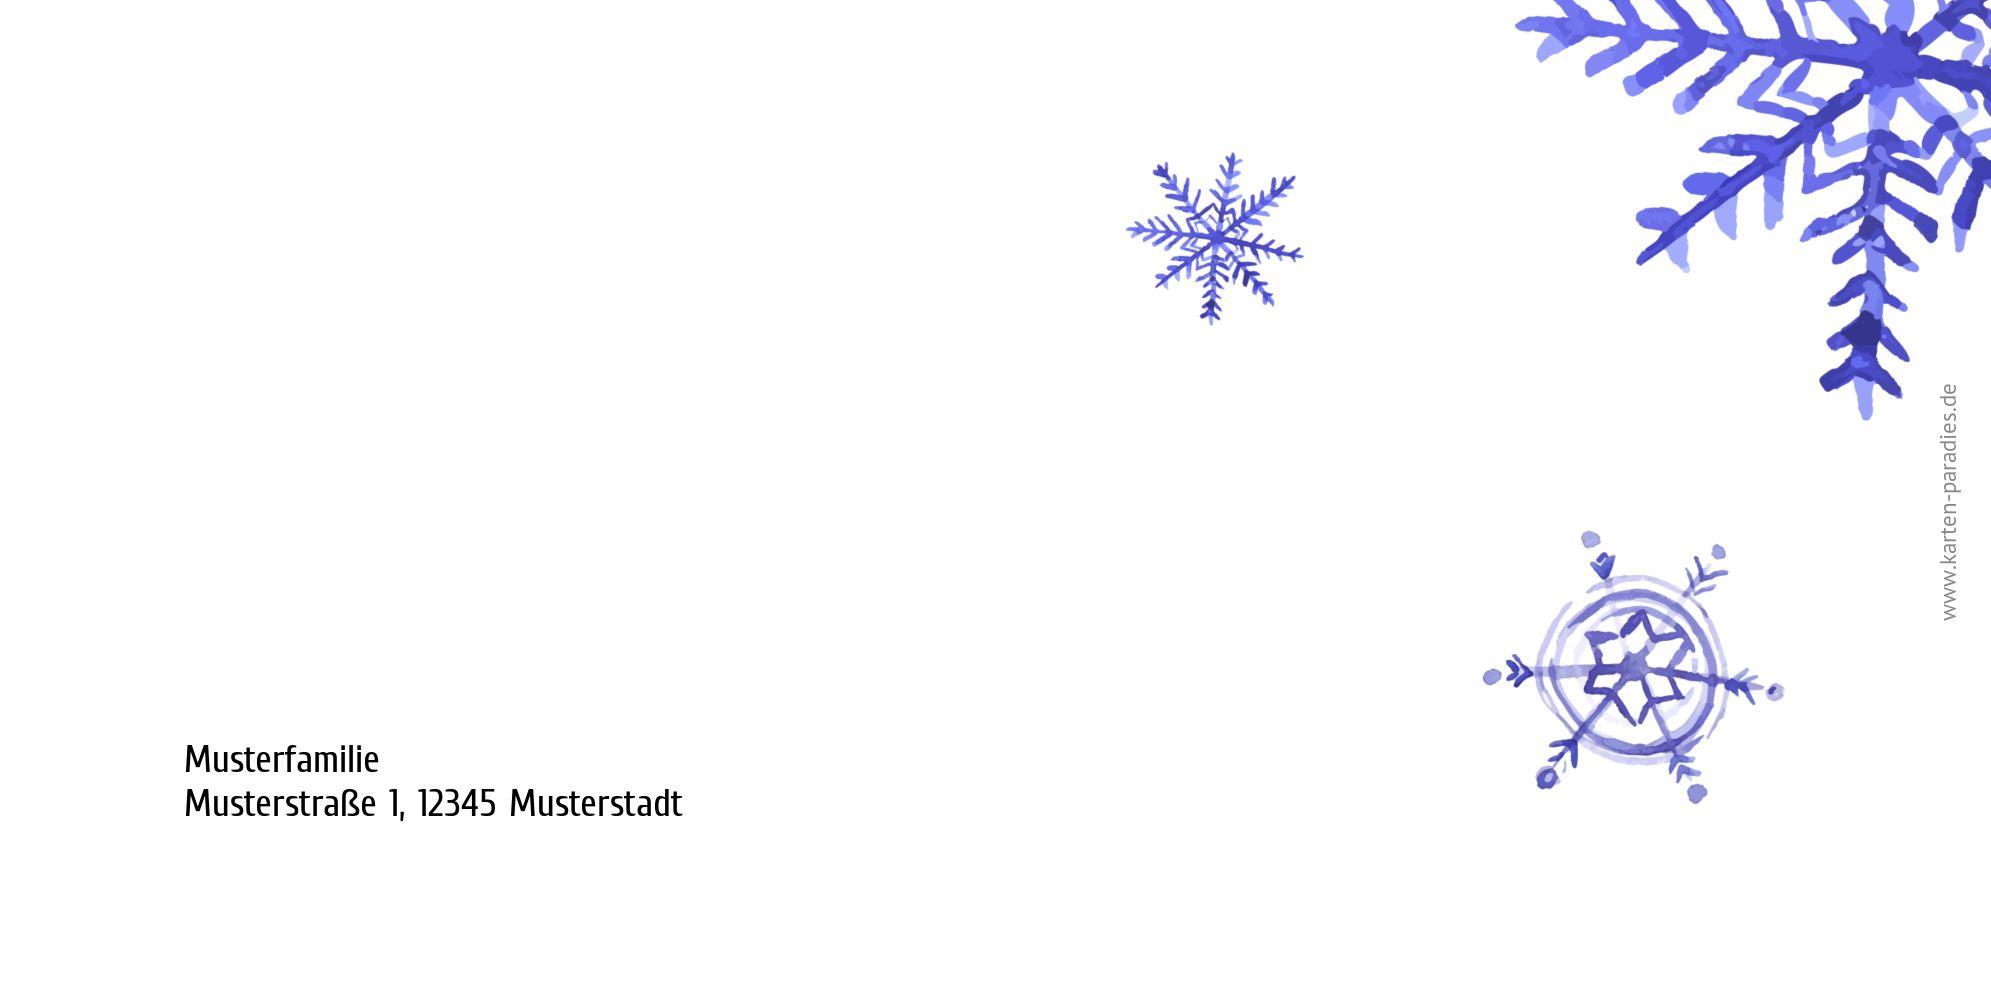 Ansicht 2 - Neujahrskarte Schneeflocken